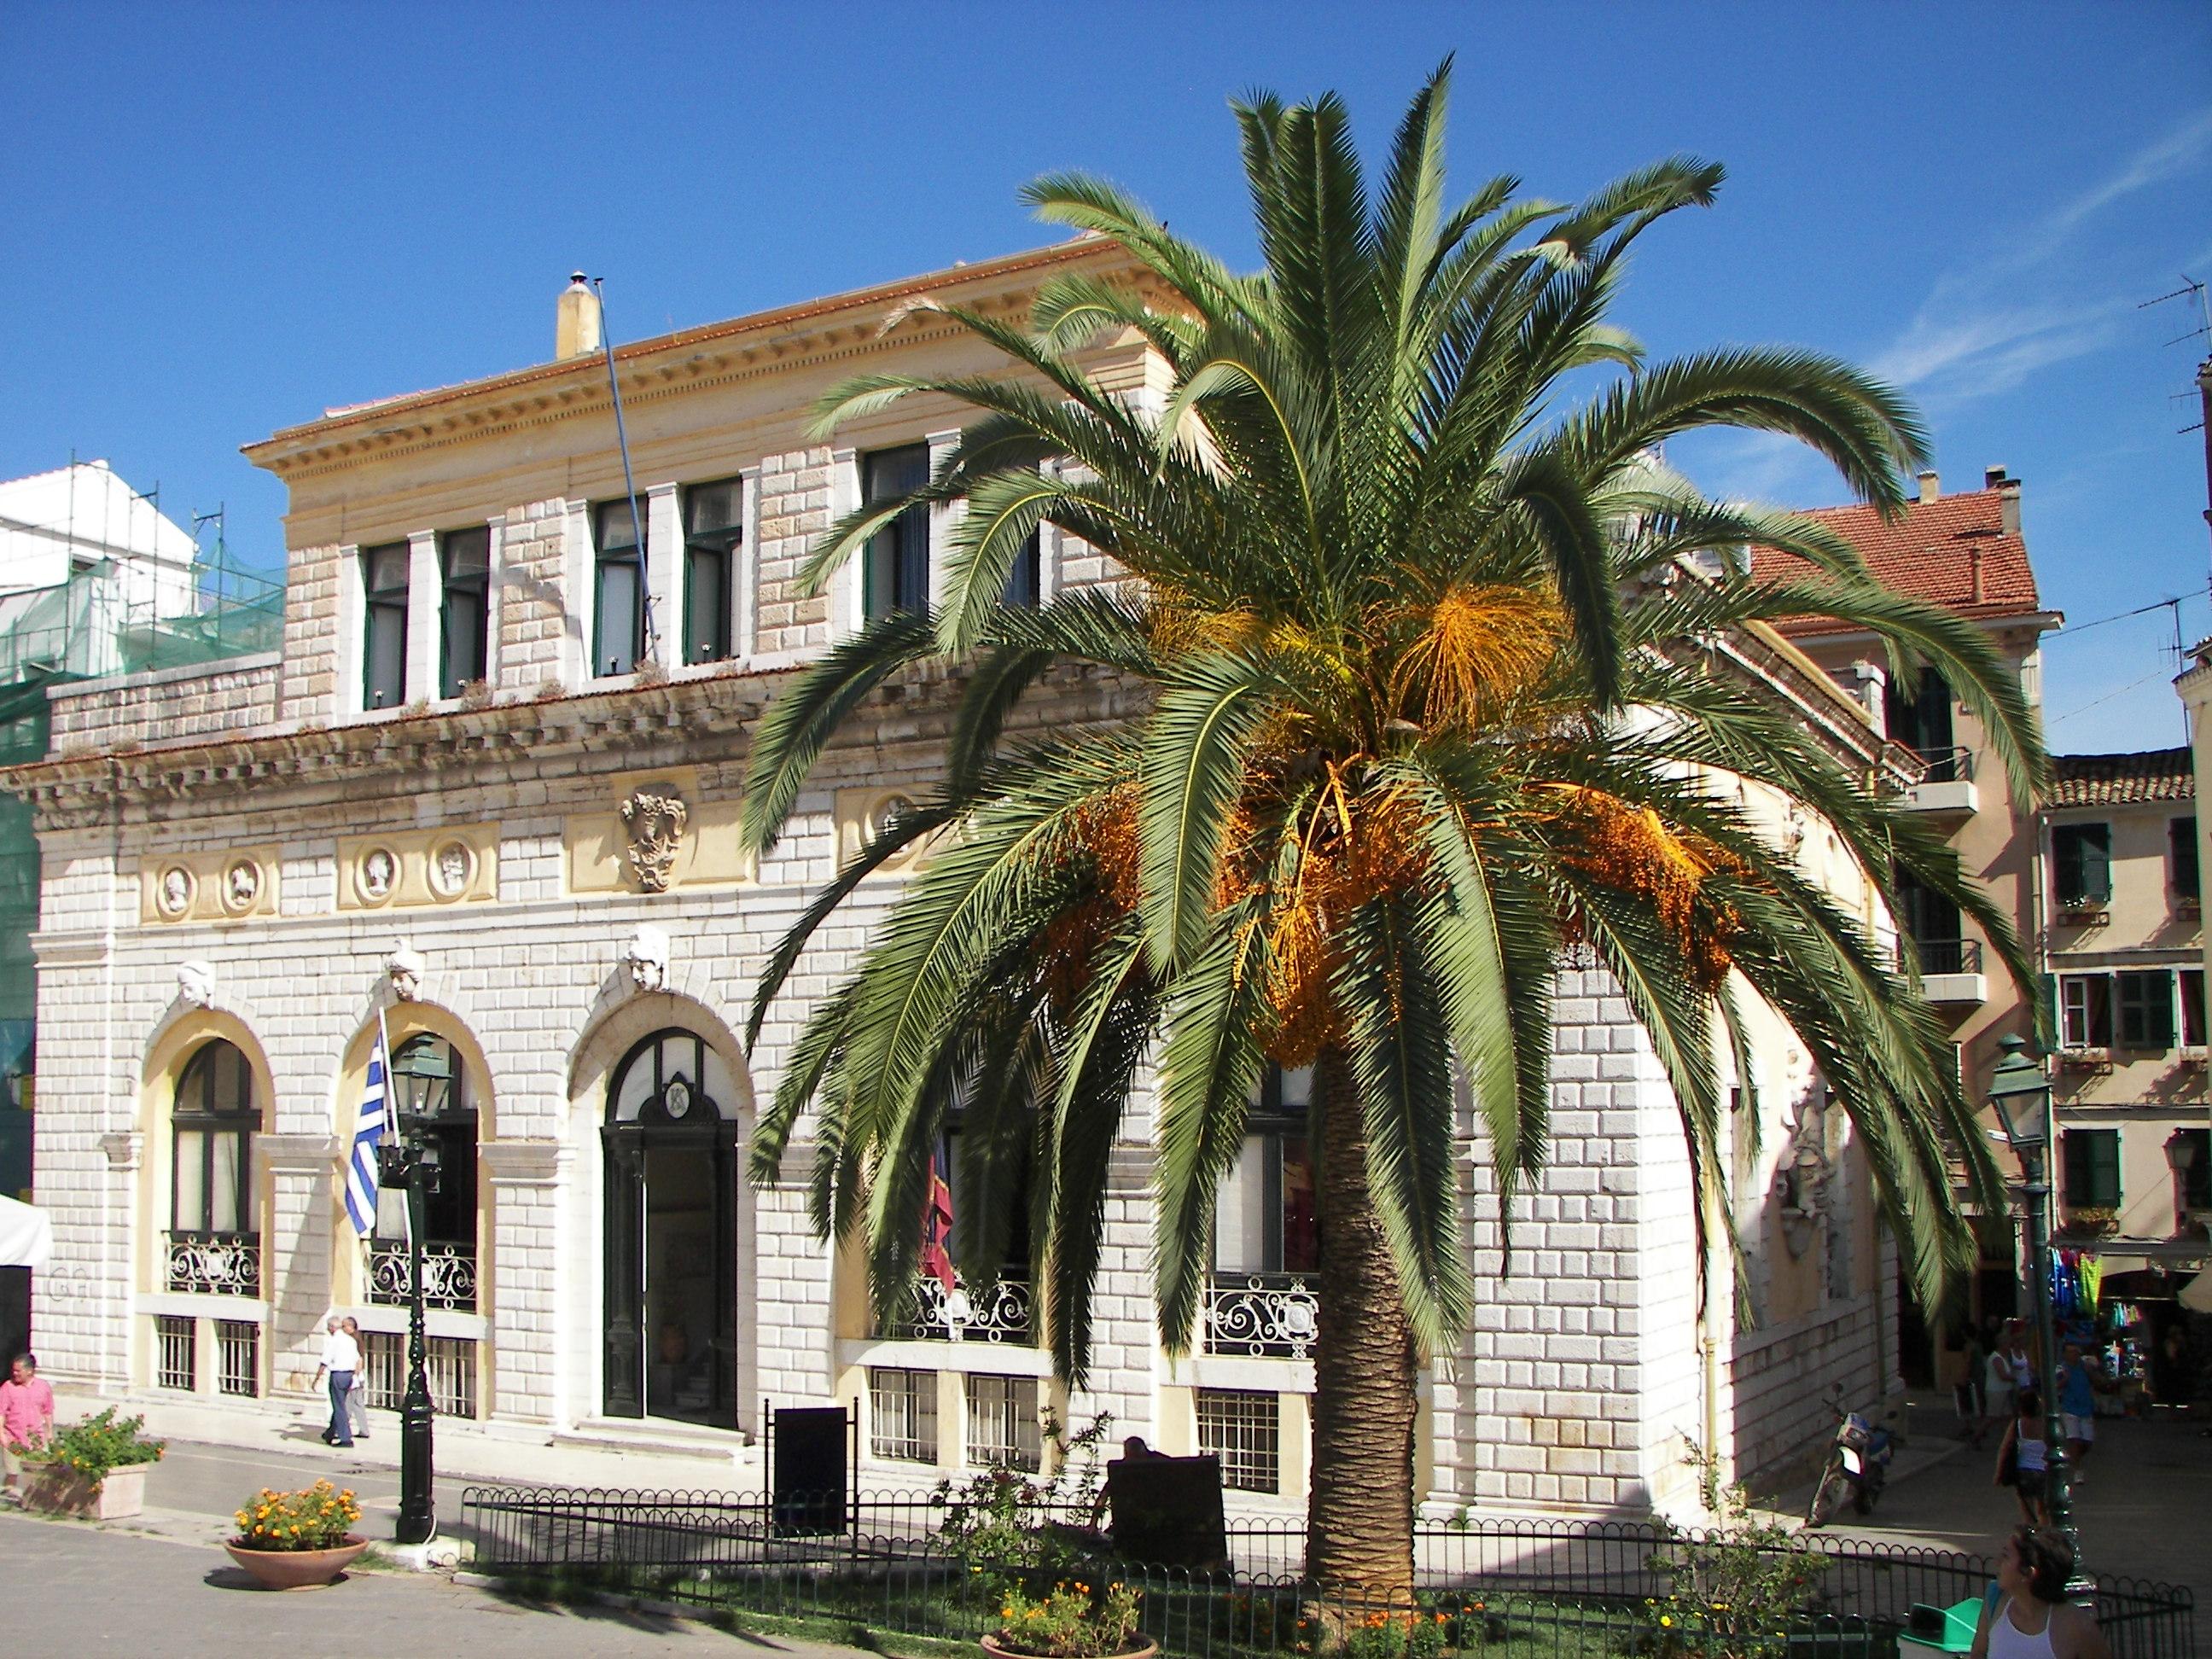 Θέατρο Σαν Τζάκομο (Κέρκυρα) - Βικιπαίδεια